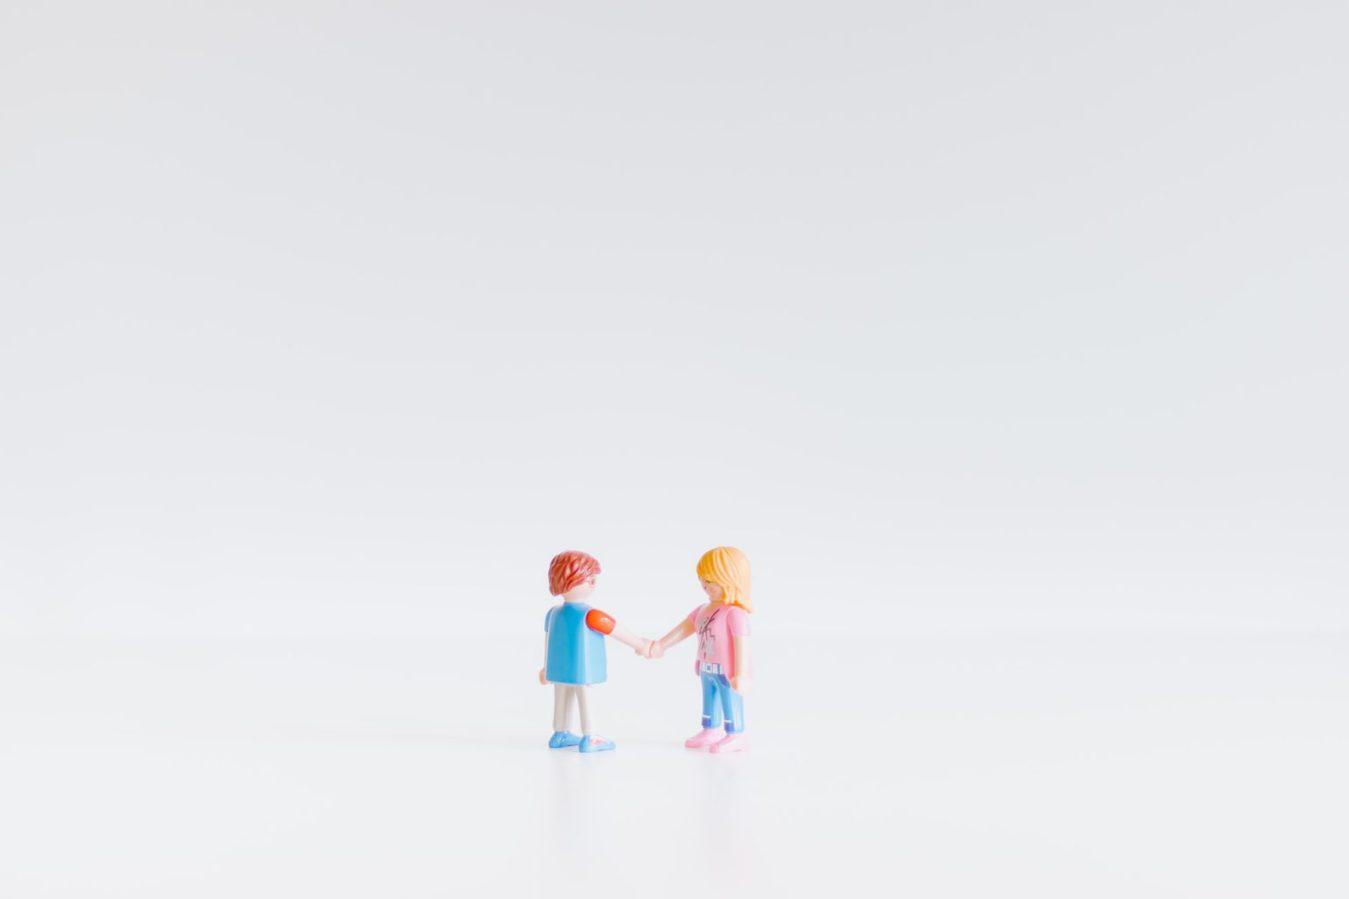 hai món đồ chơi đang bắt tay nhau